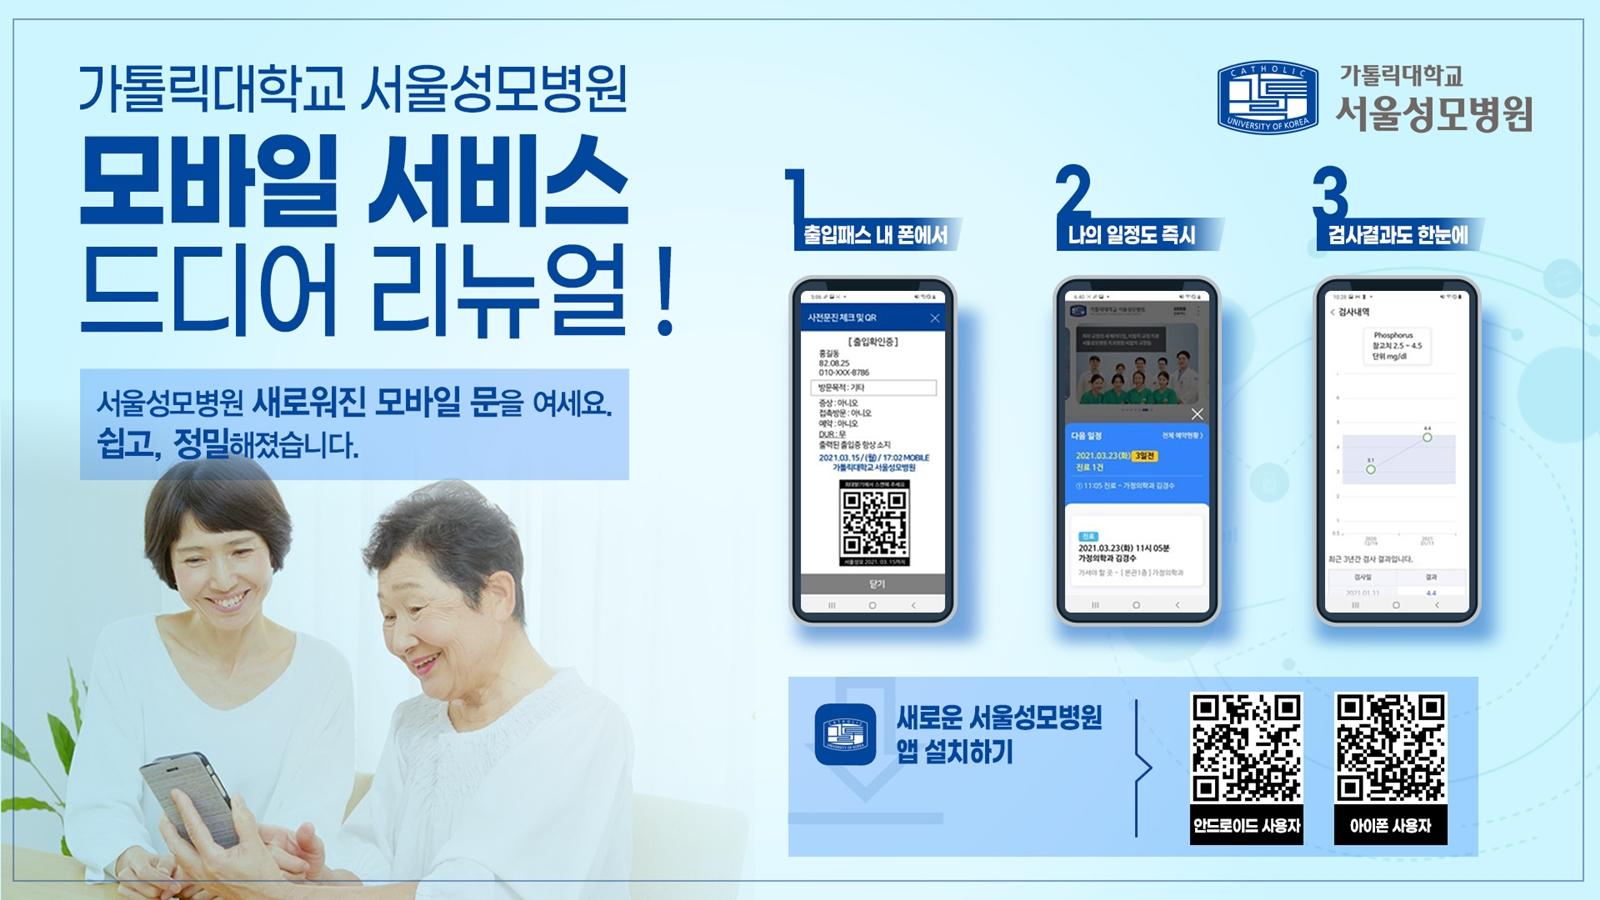 4월 19일 리뉴얼 오픈하는 서울성모병원 모바일 앱 홍보 사진